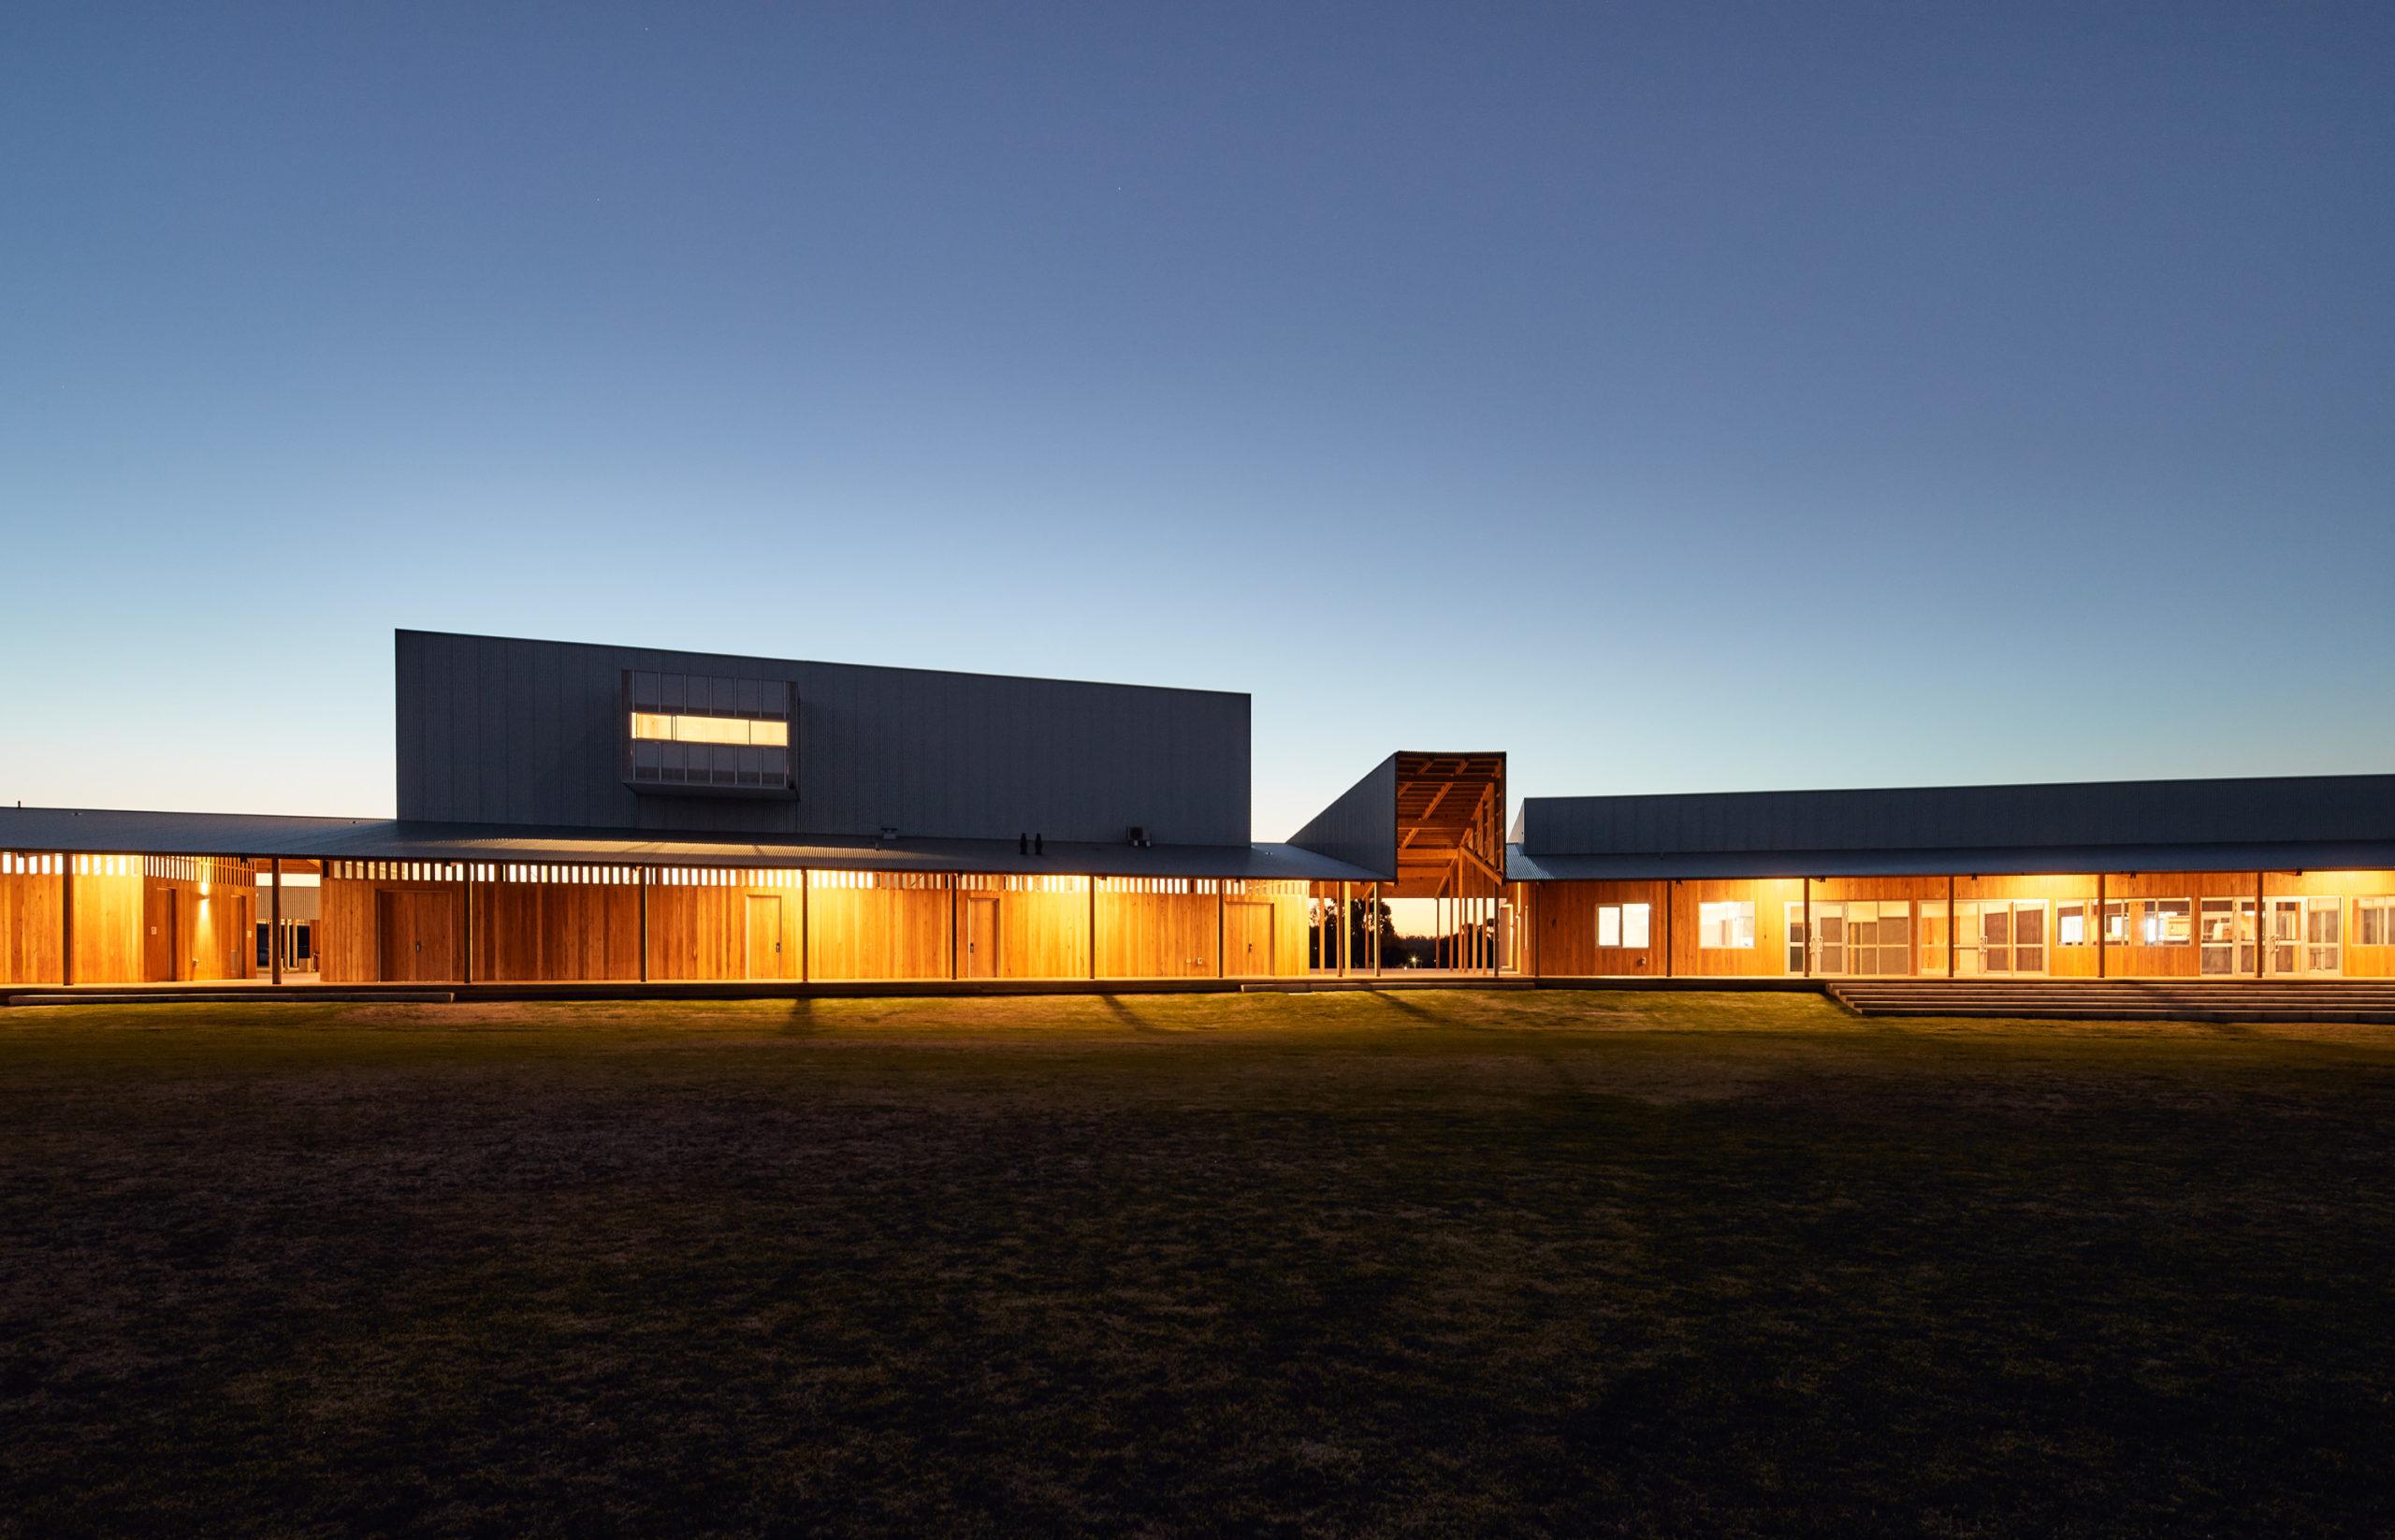 Centre de loisirs et de culture Pingelly par Iredale Pedersen Hook Architects avec ATC Studio, Pingelly, Australie